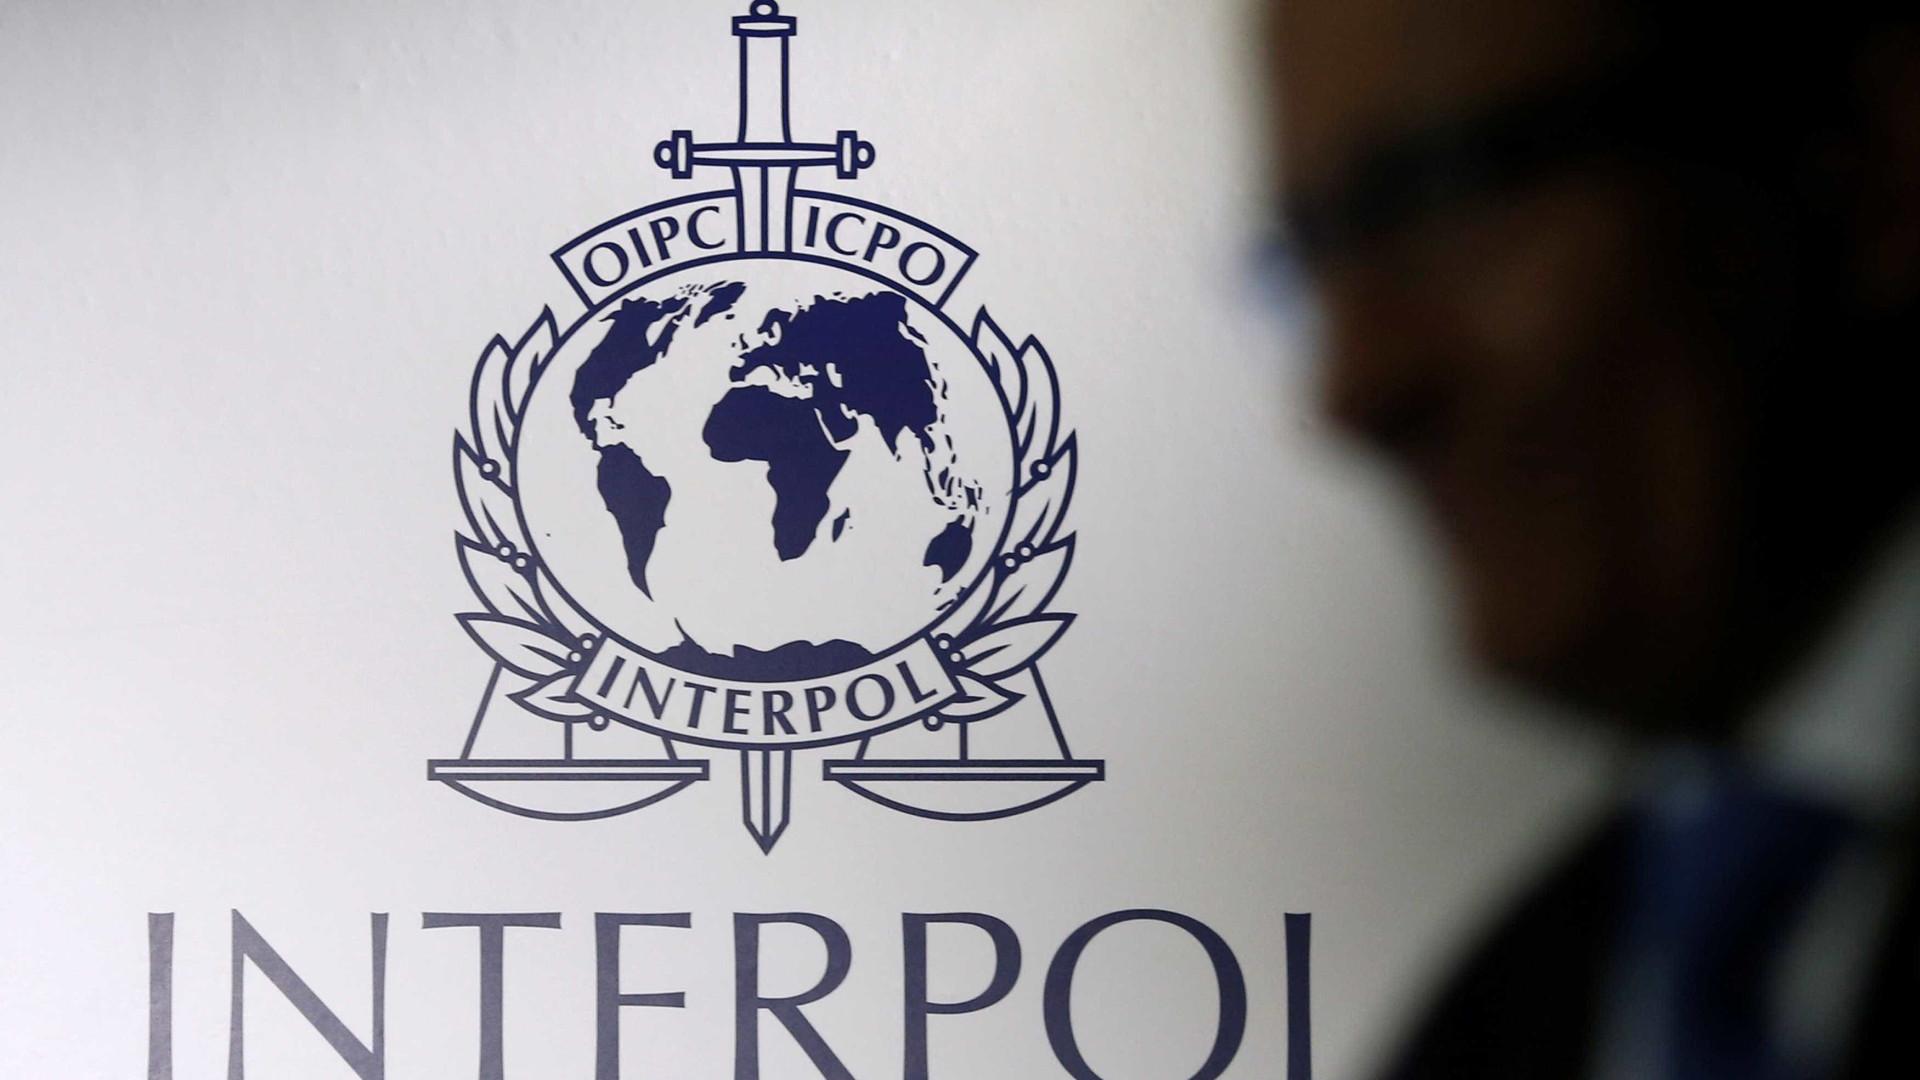 Interpol detém 47 pessoas e apreende 320 armas em megaoperação